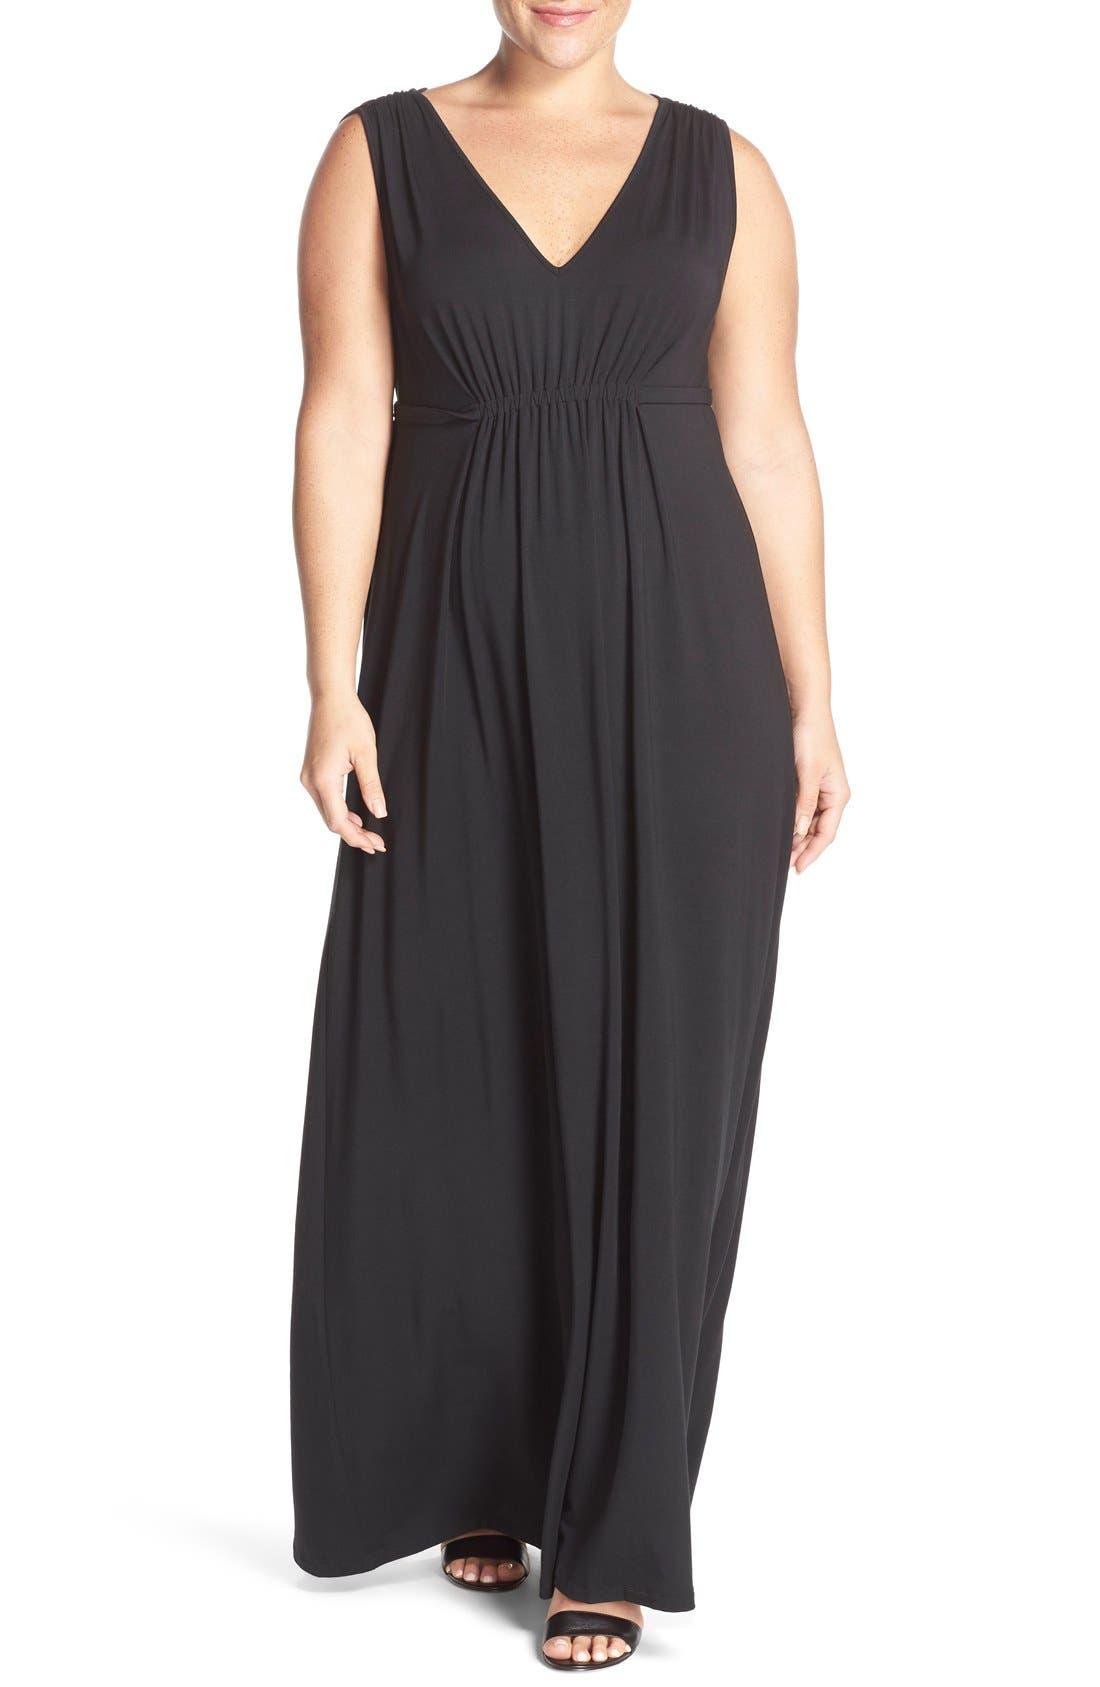 Grecia Sleeveless Jersey Maxi Dress,                         Main,                         color, Black